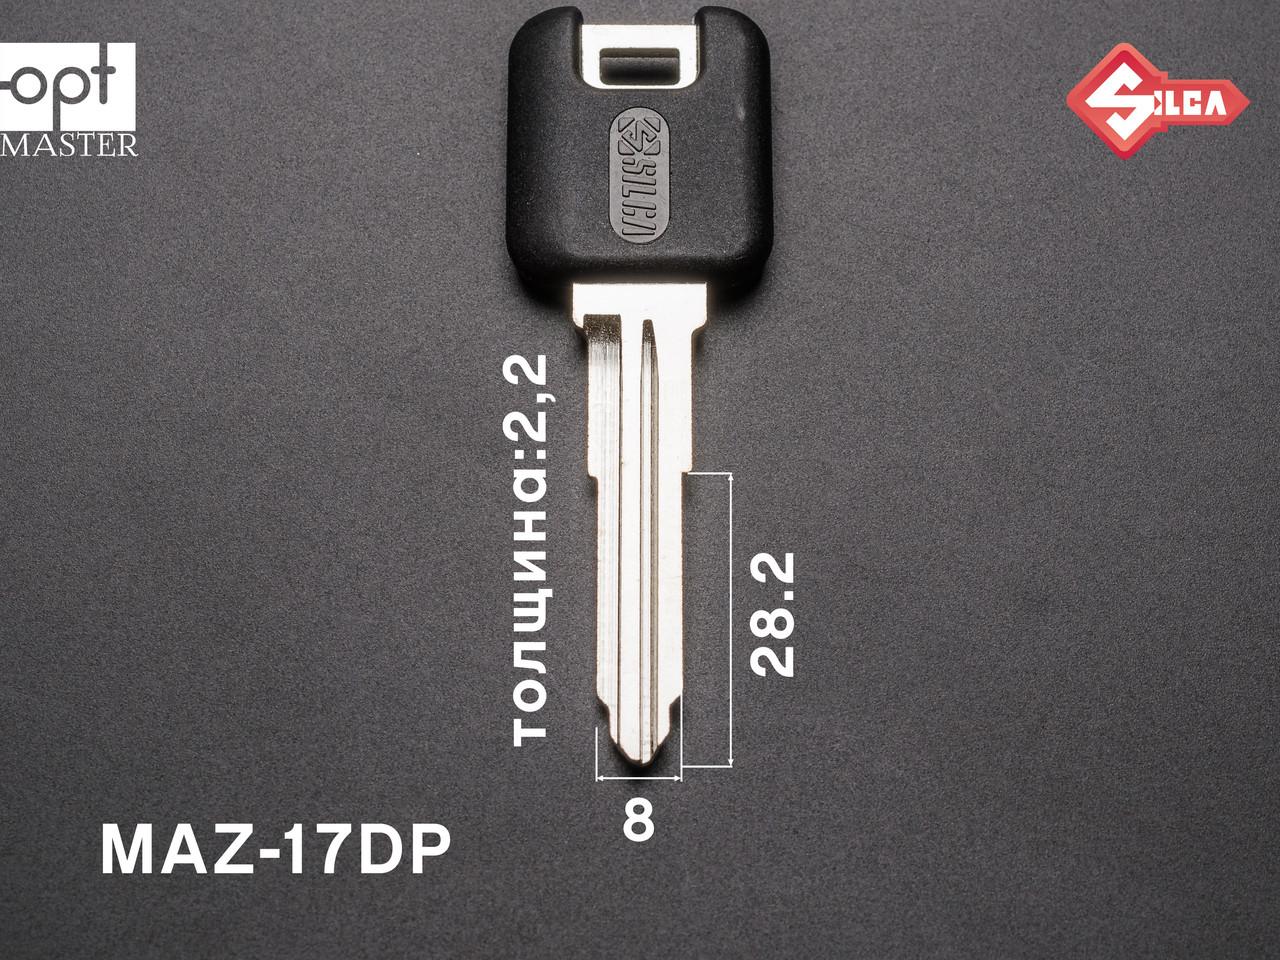 MAZ13DP Silca заготовка автомобильного ключа